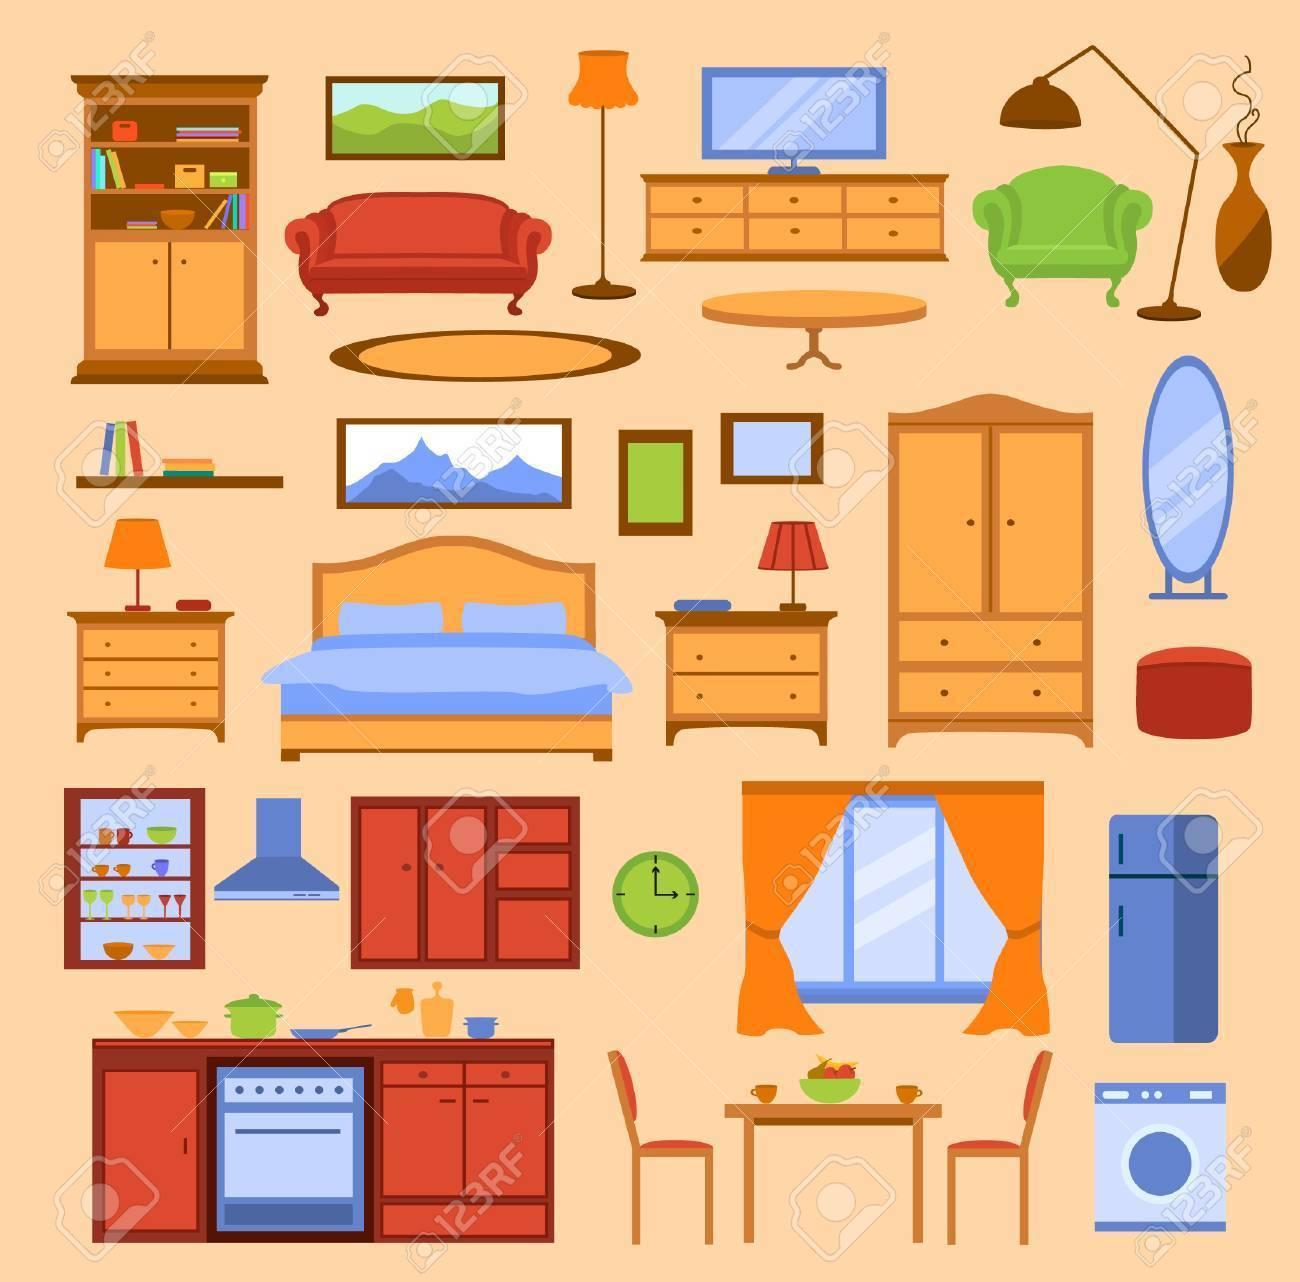 Bedroom furniture clipart 7 » Clipart Portal.